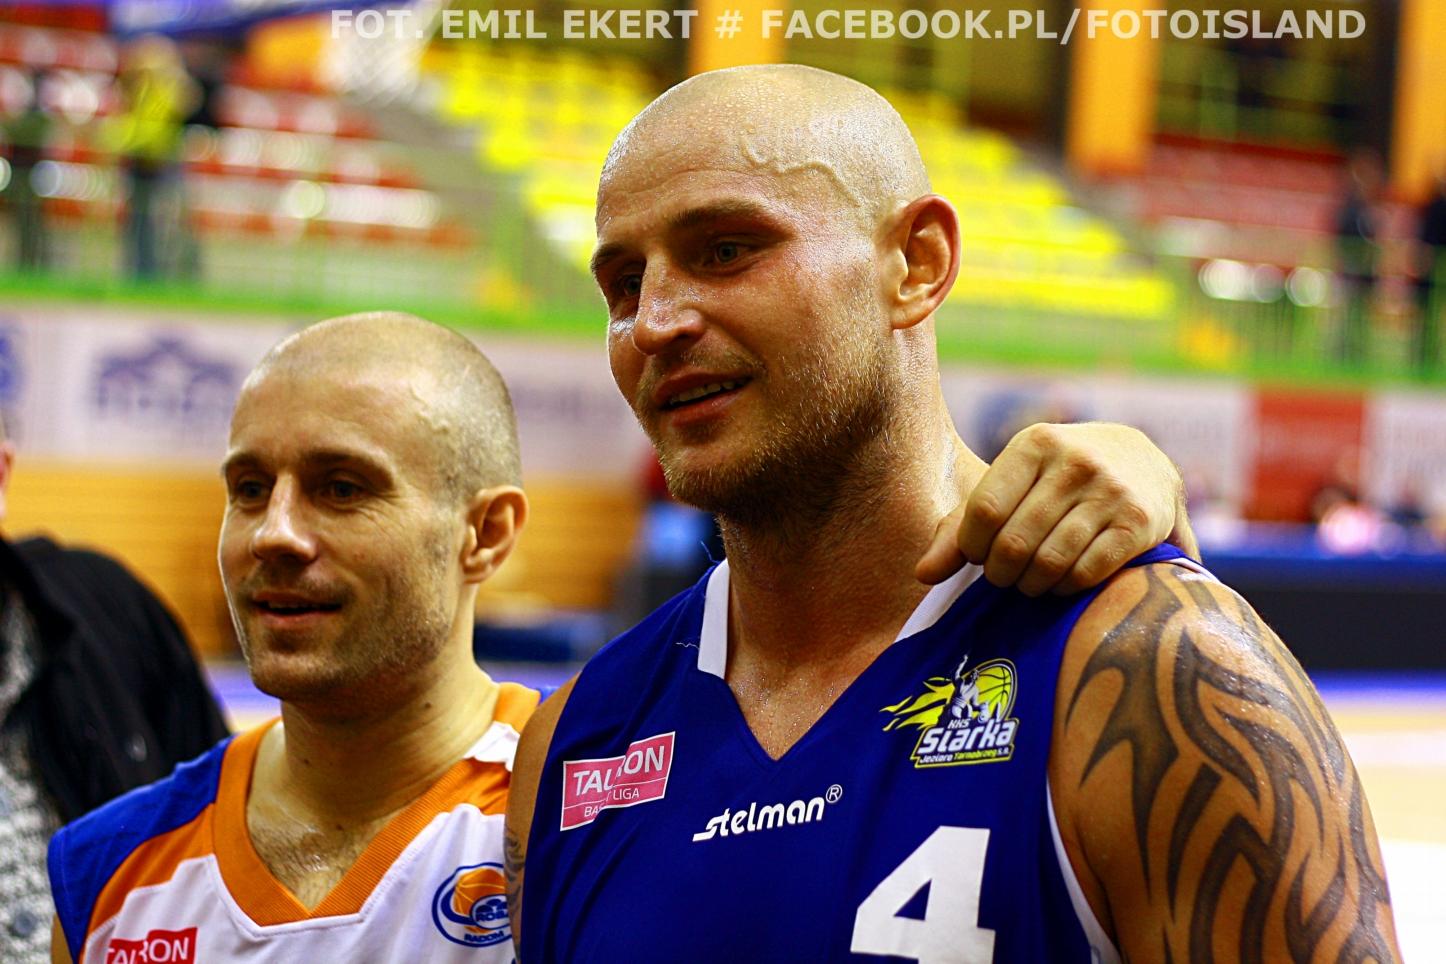 Daniel Wall to serdeczny przyjaciel Piotra Kardasia (z lewej). Popularny Waluś jest nawet ojcem chrzestnym syna Piotra Kardasia fot. E E